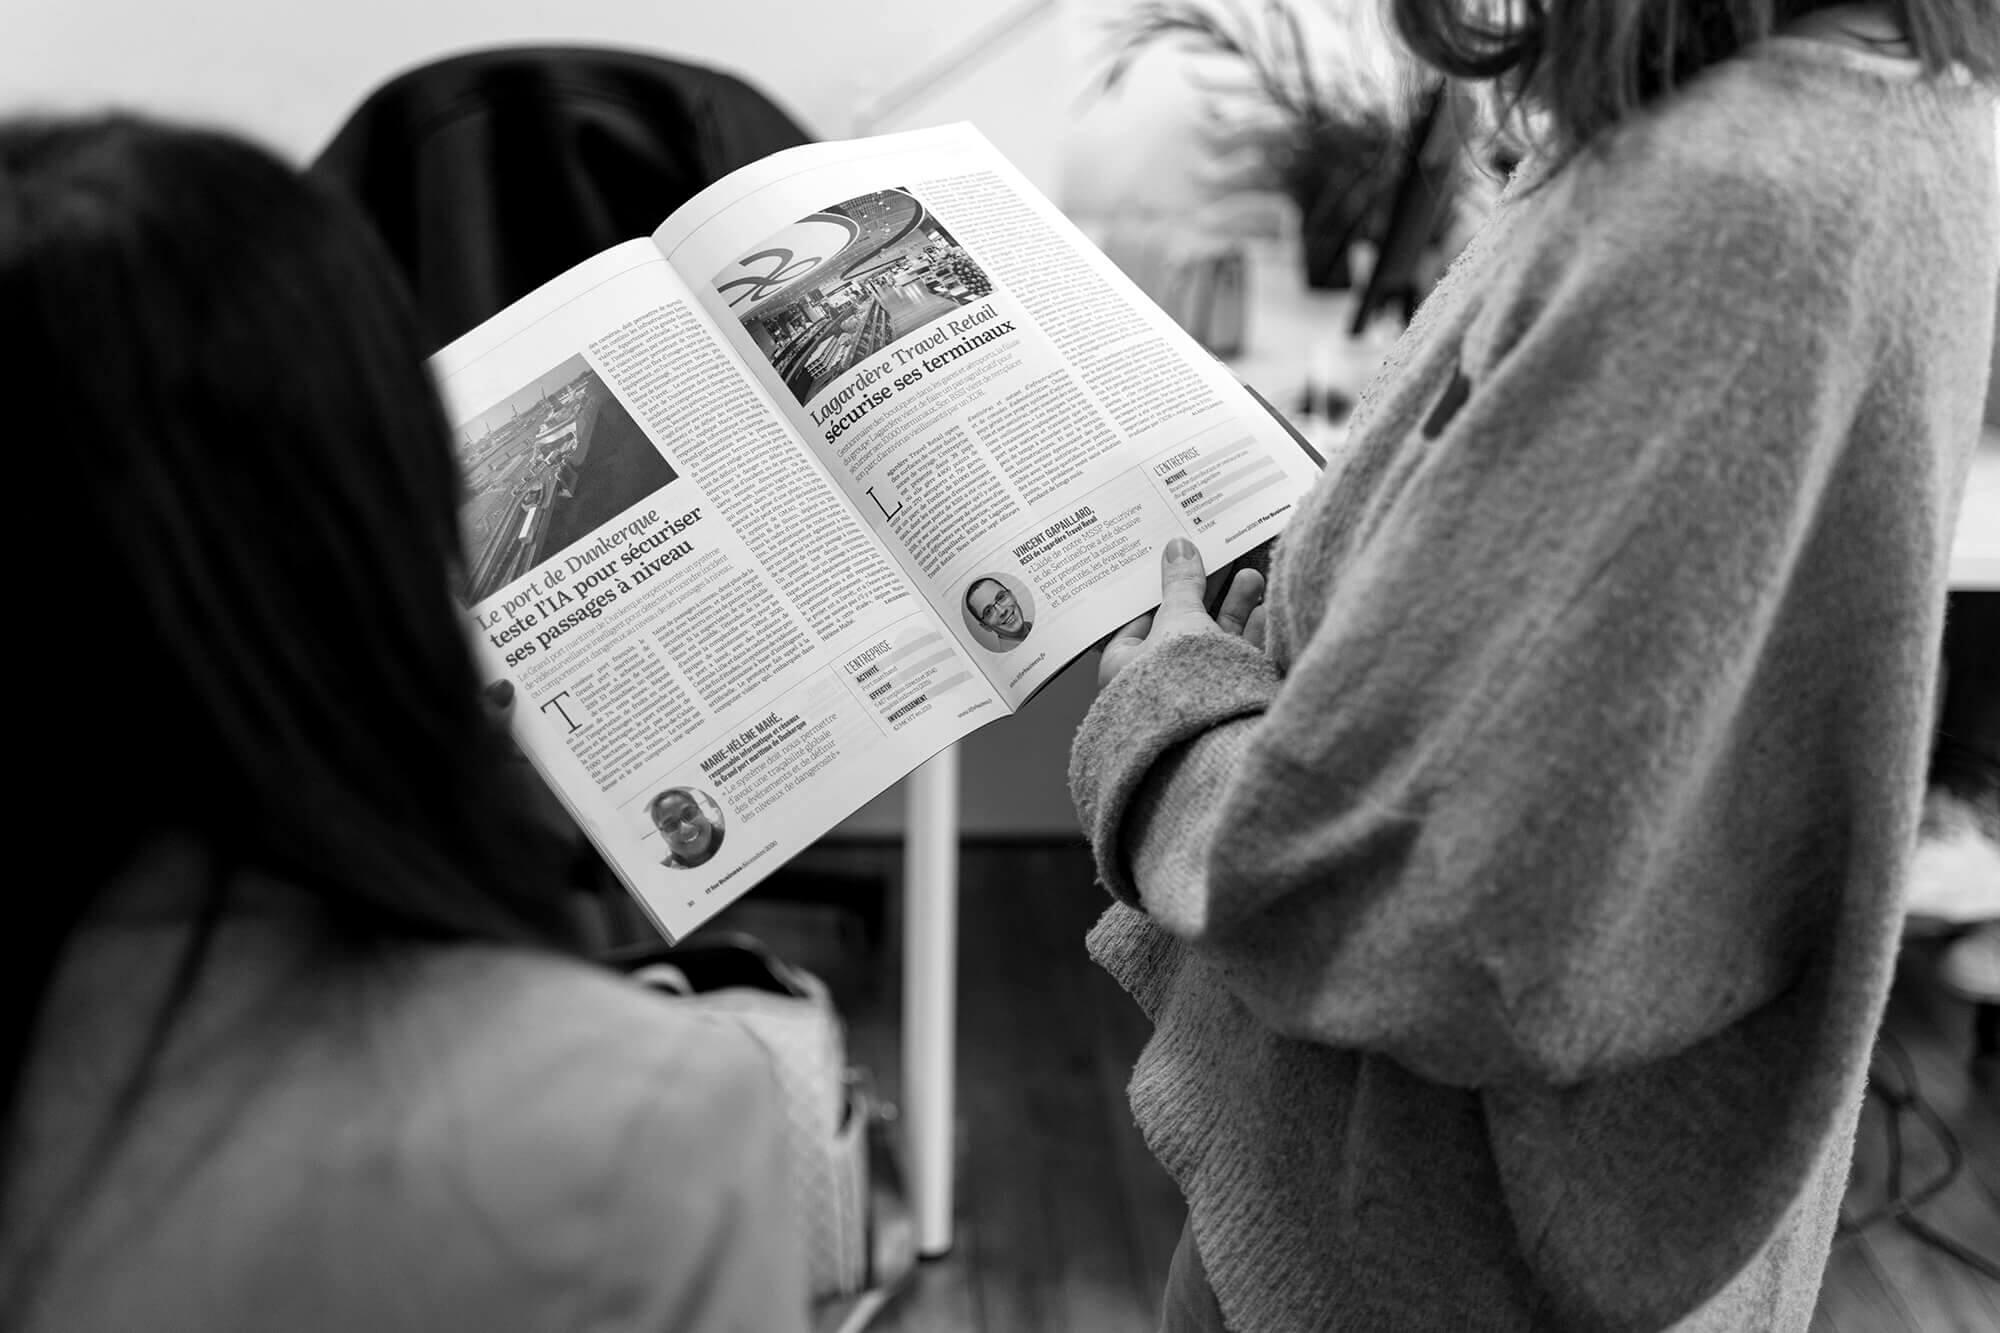 Deux personnes consultant un magazine IT